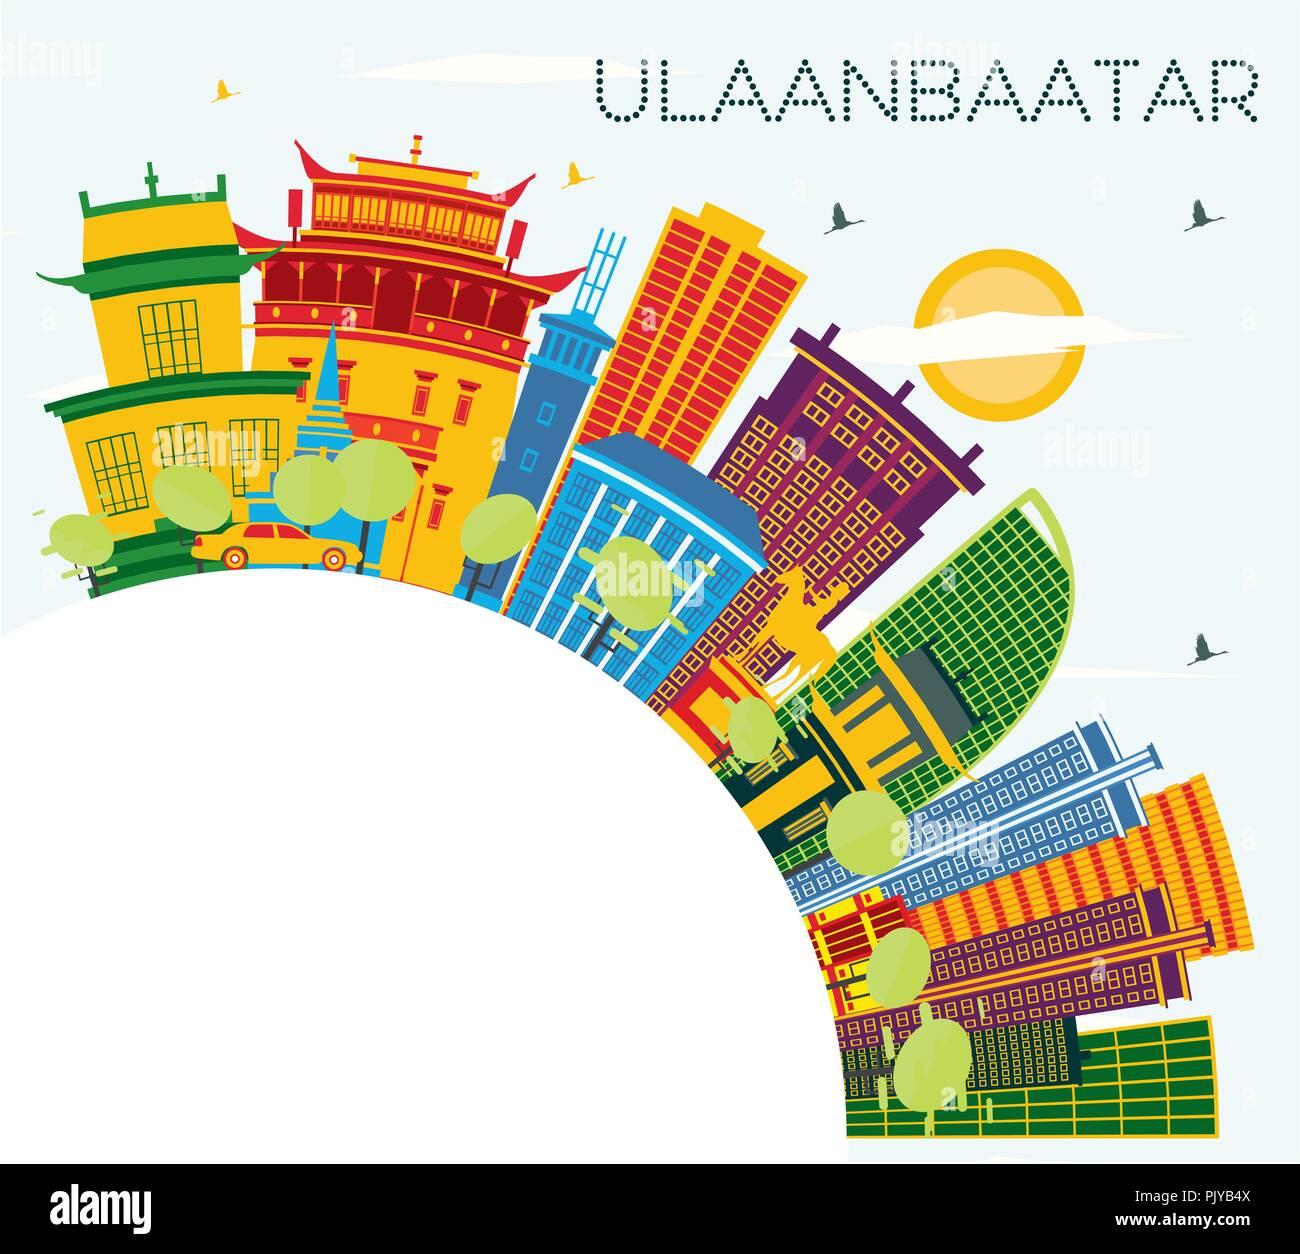 Couleur Avec Bleu Ciel la mongolie oulan-bator ville avec des bâtiments, de couleur